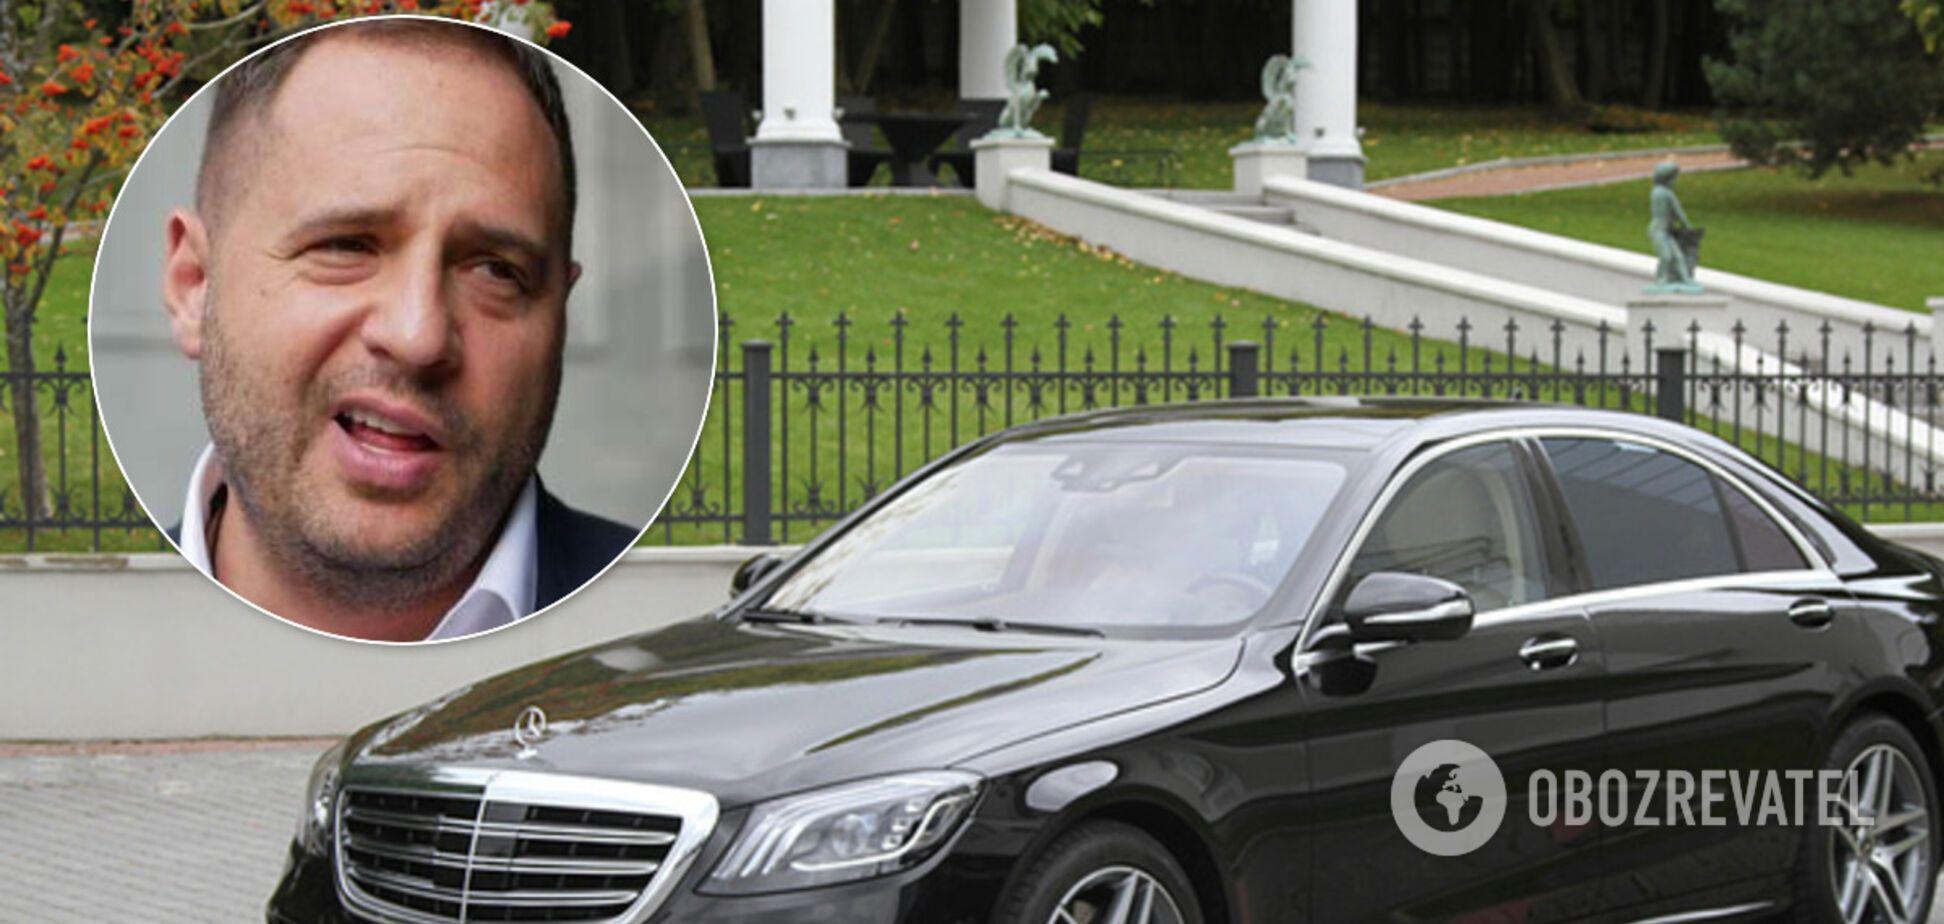 Єрмак виправдався за новий Mercedes за 3,2 млн